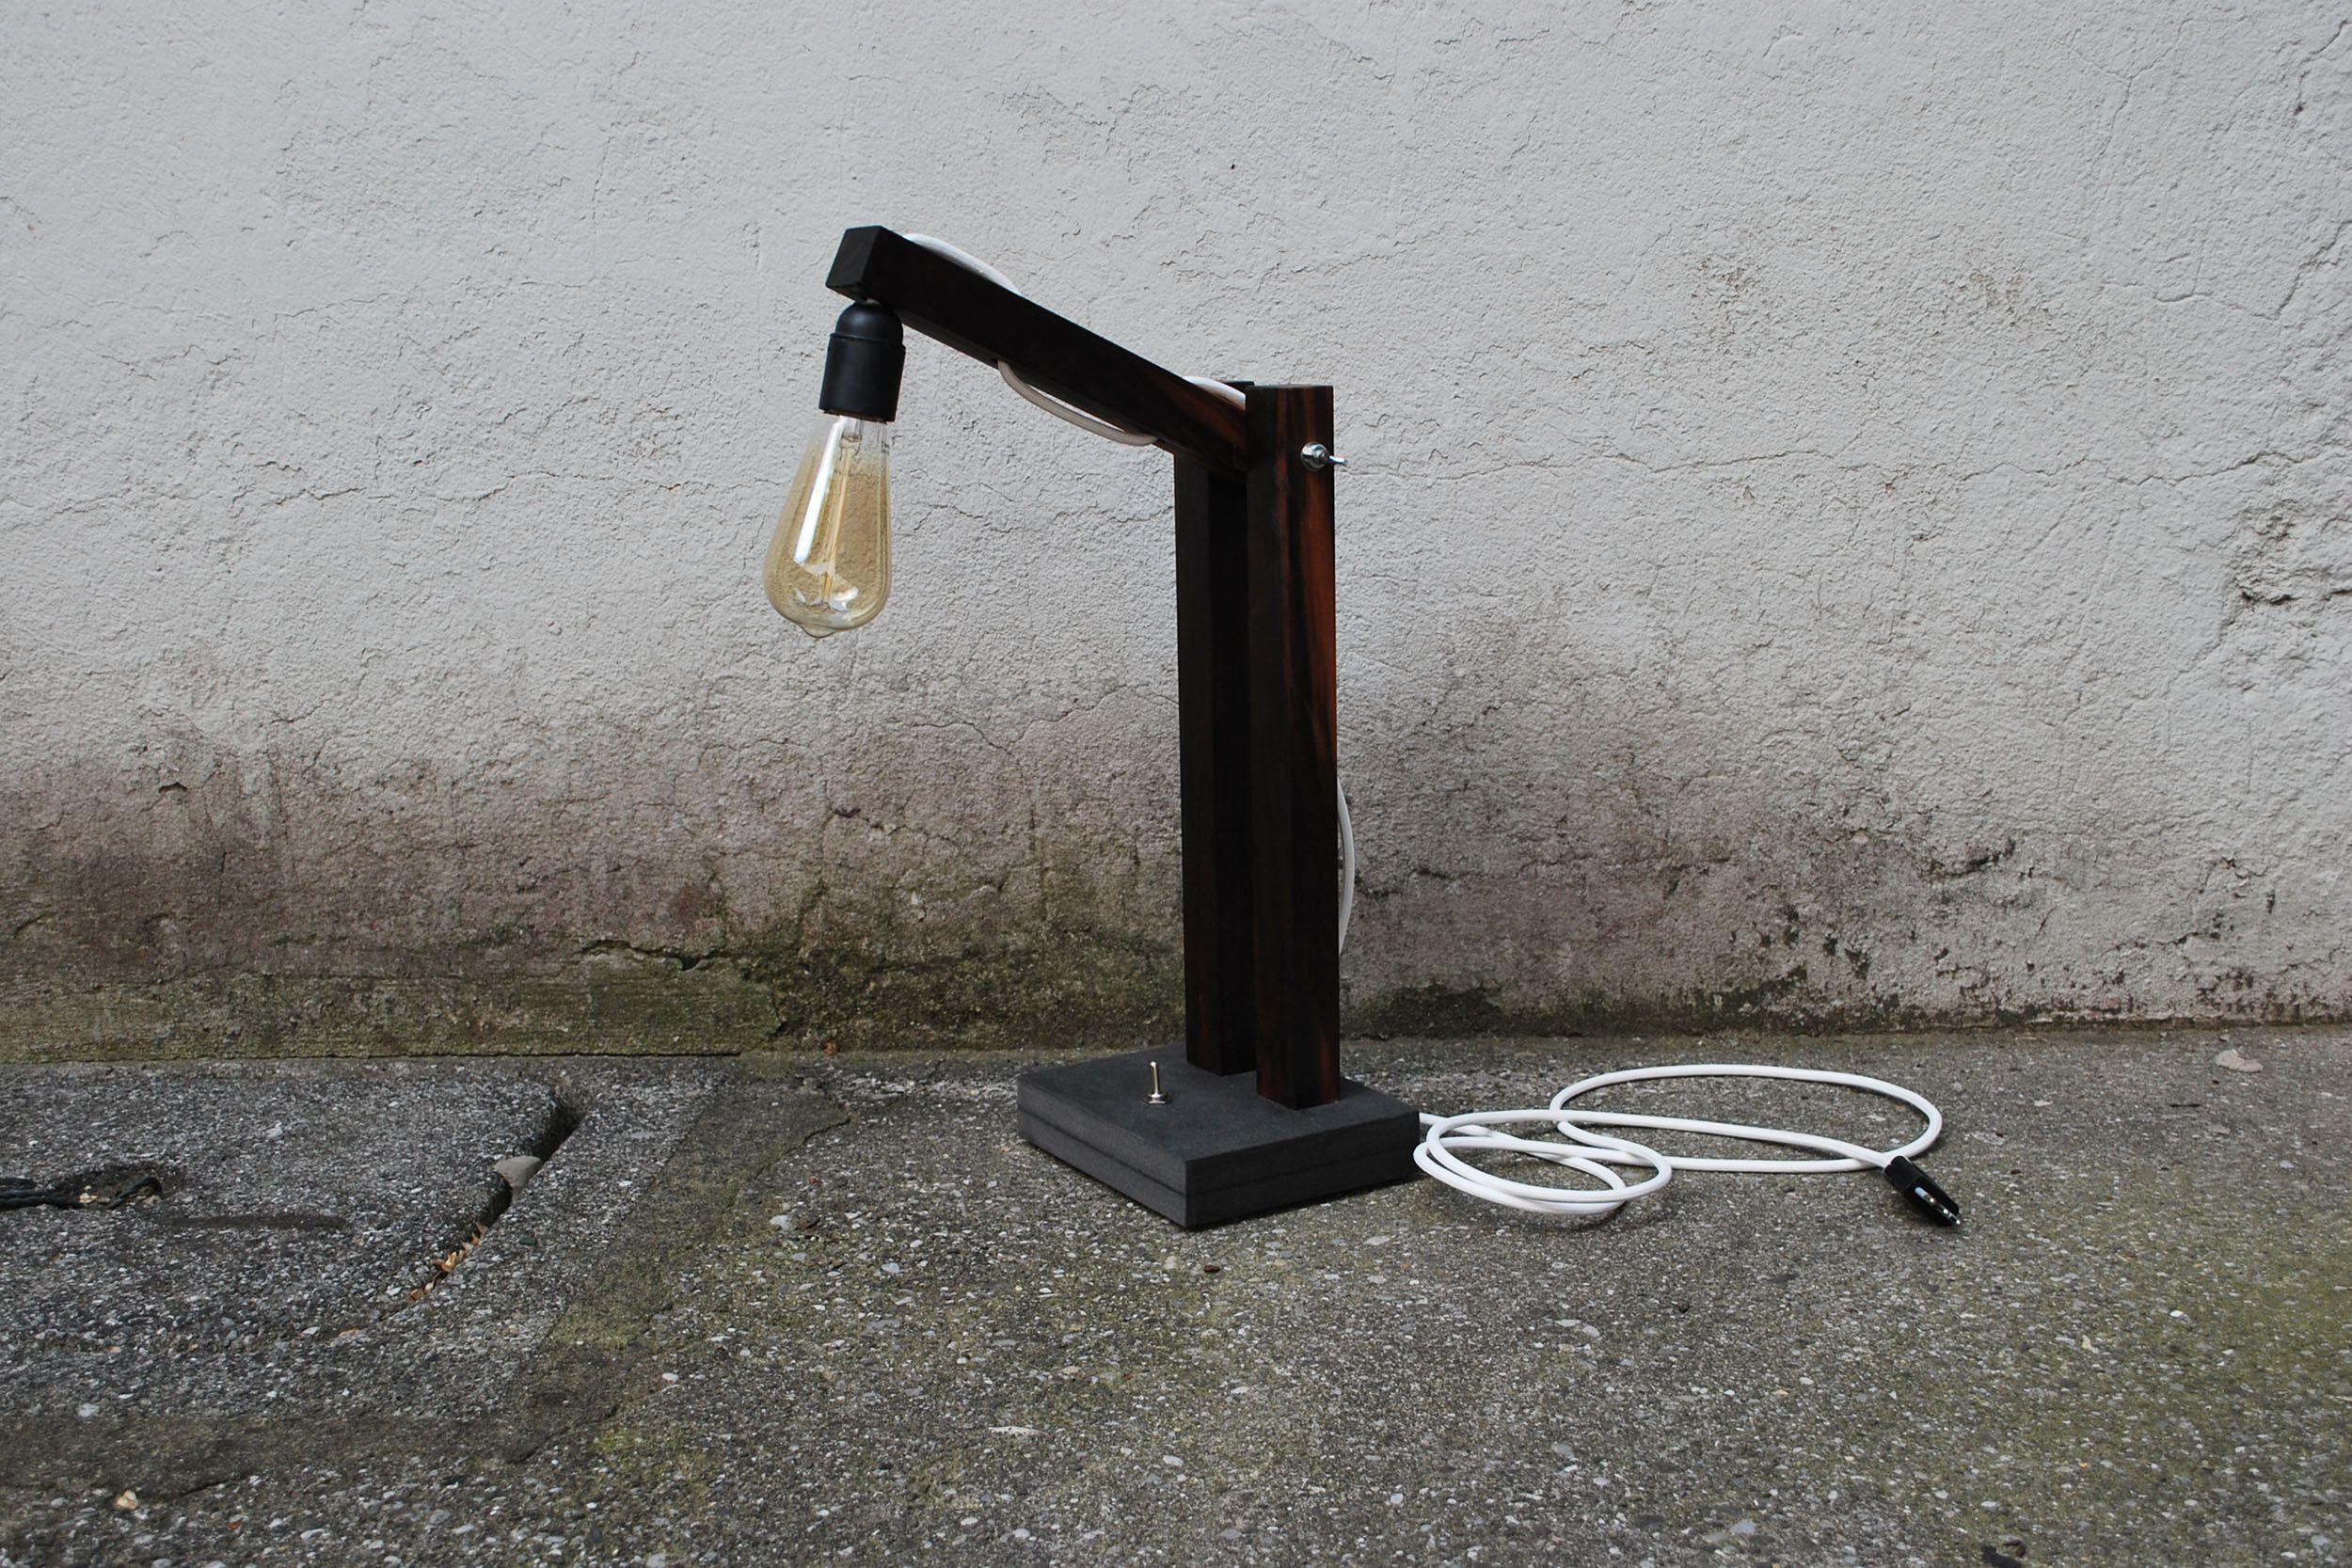 Lampada Realizzata In Legno Proveniente Dallecuadorparticolarmente